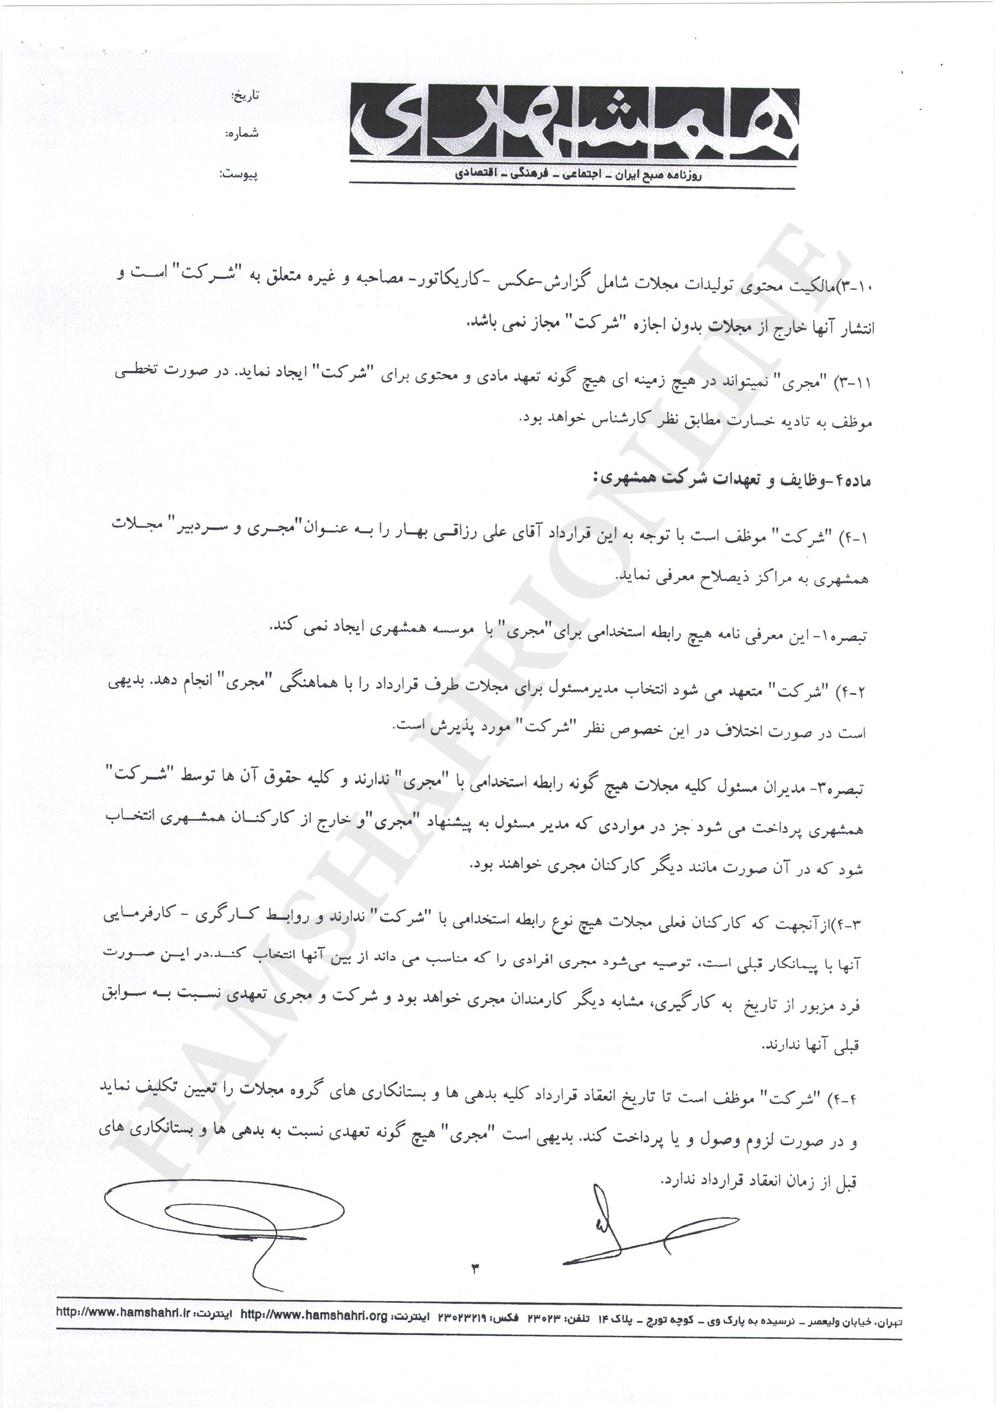 متن کامل قرارداد واگذاری تولید و انتشار مجلات همشهری